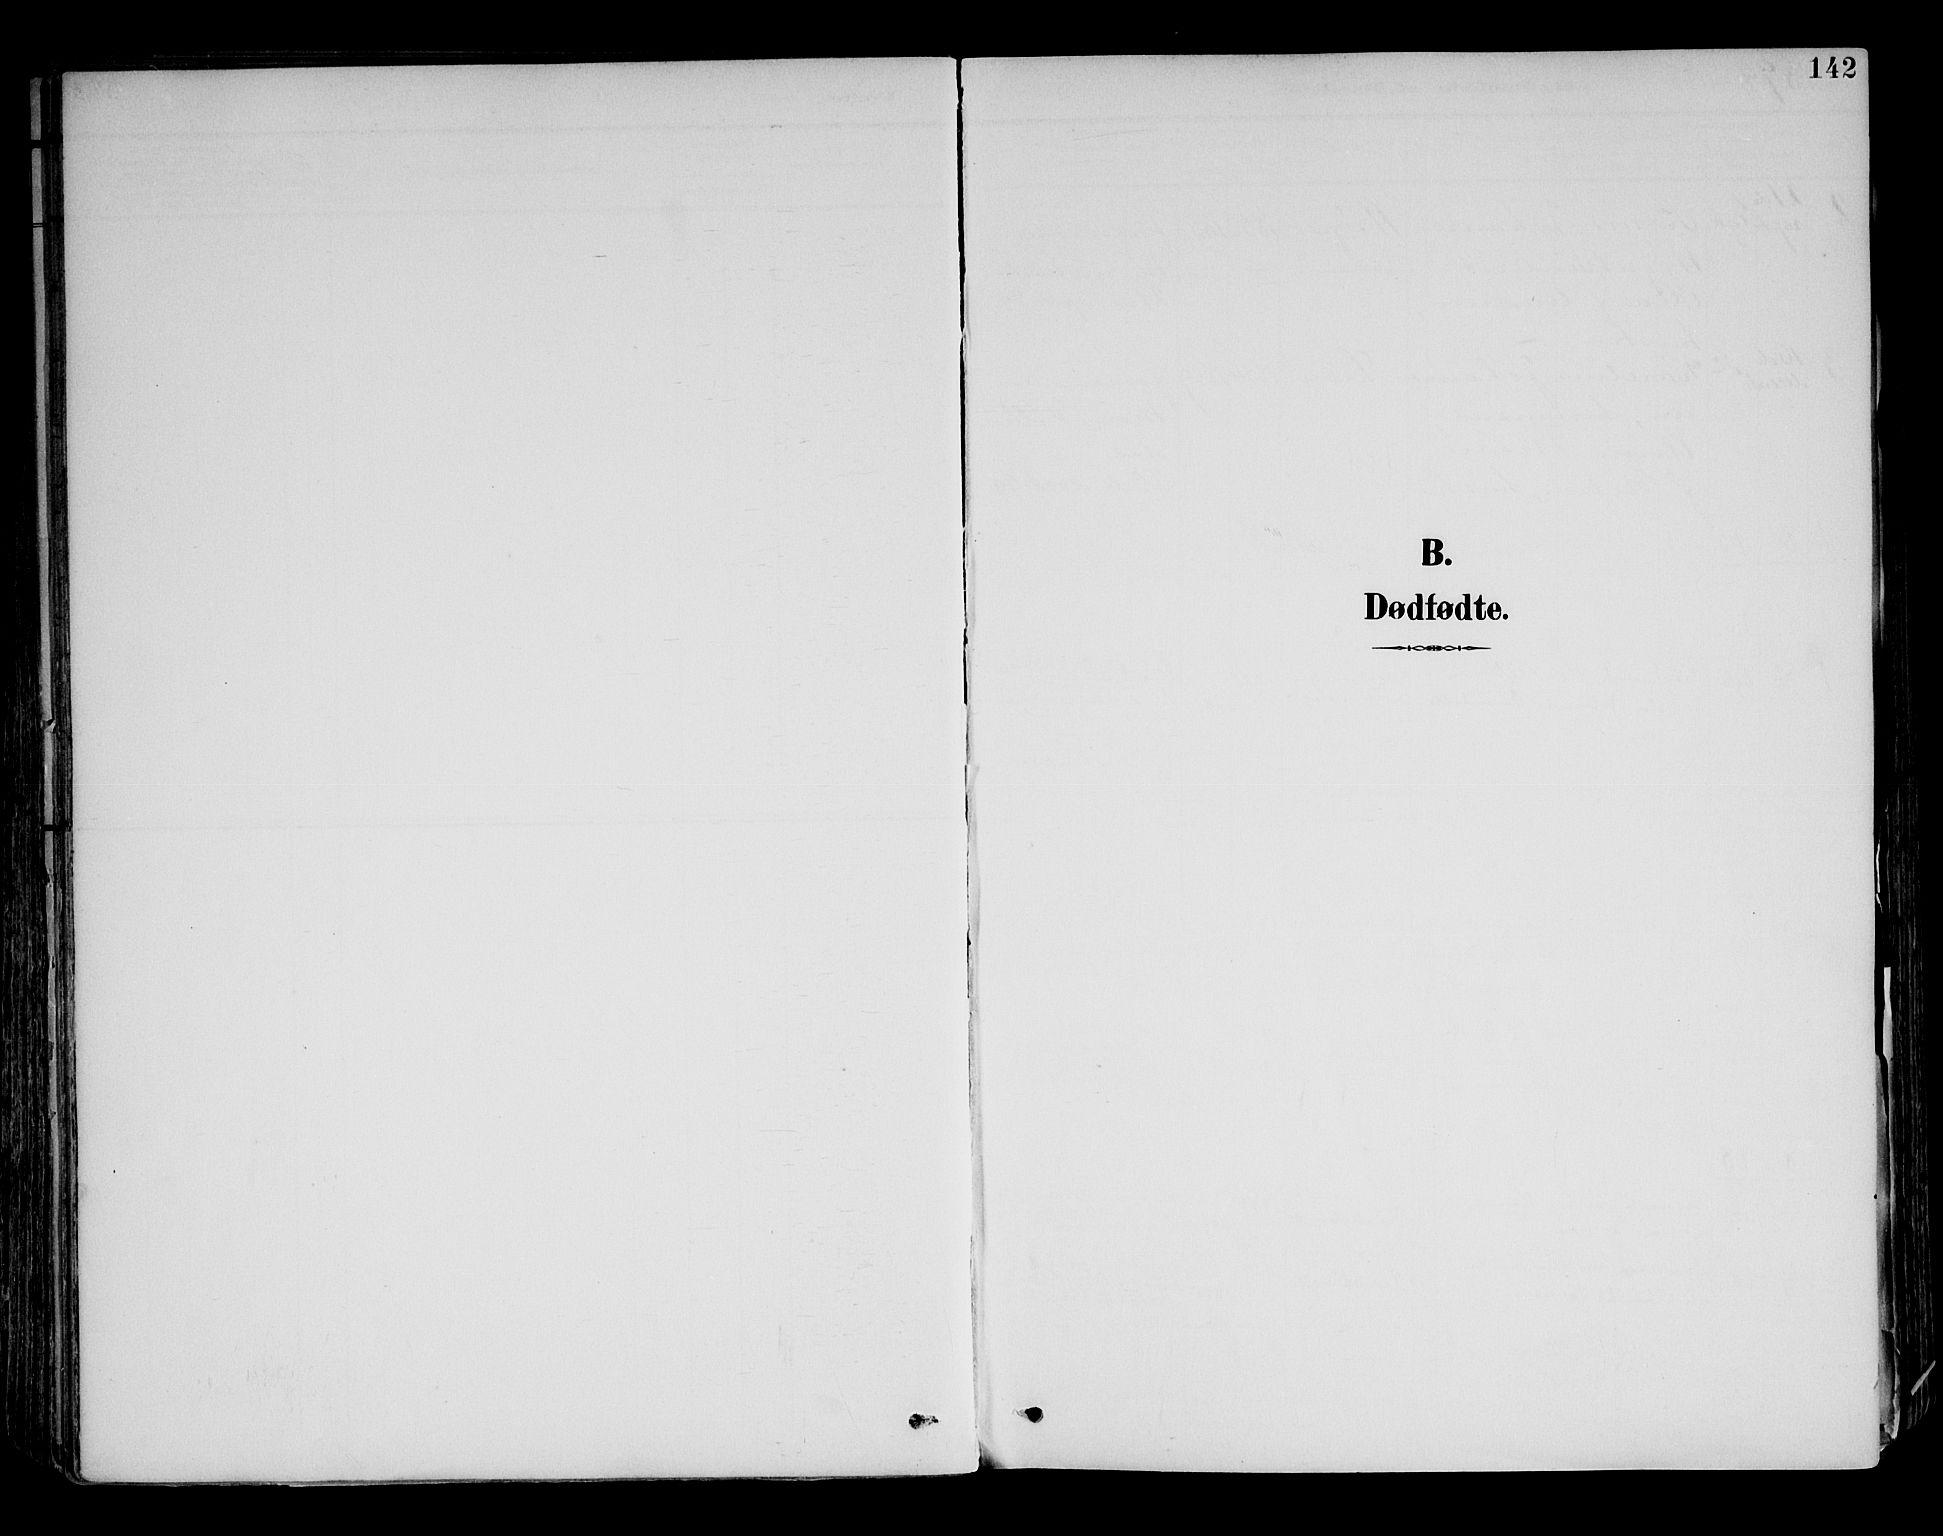 SAH, Brandval prestekontor, H/Ha/Haa/L0003: Ministerialbok nr. 3, 1894-1909, s. 142